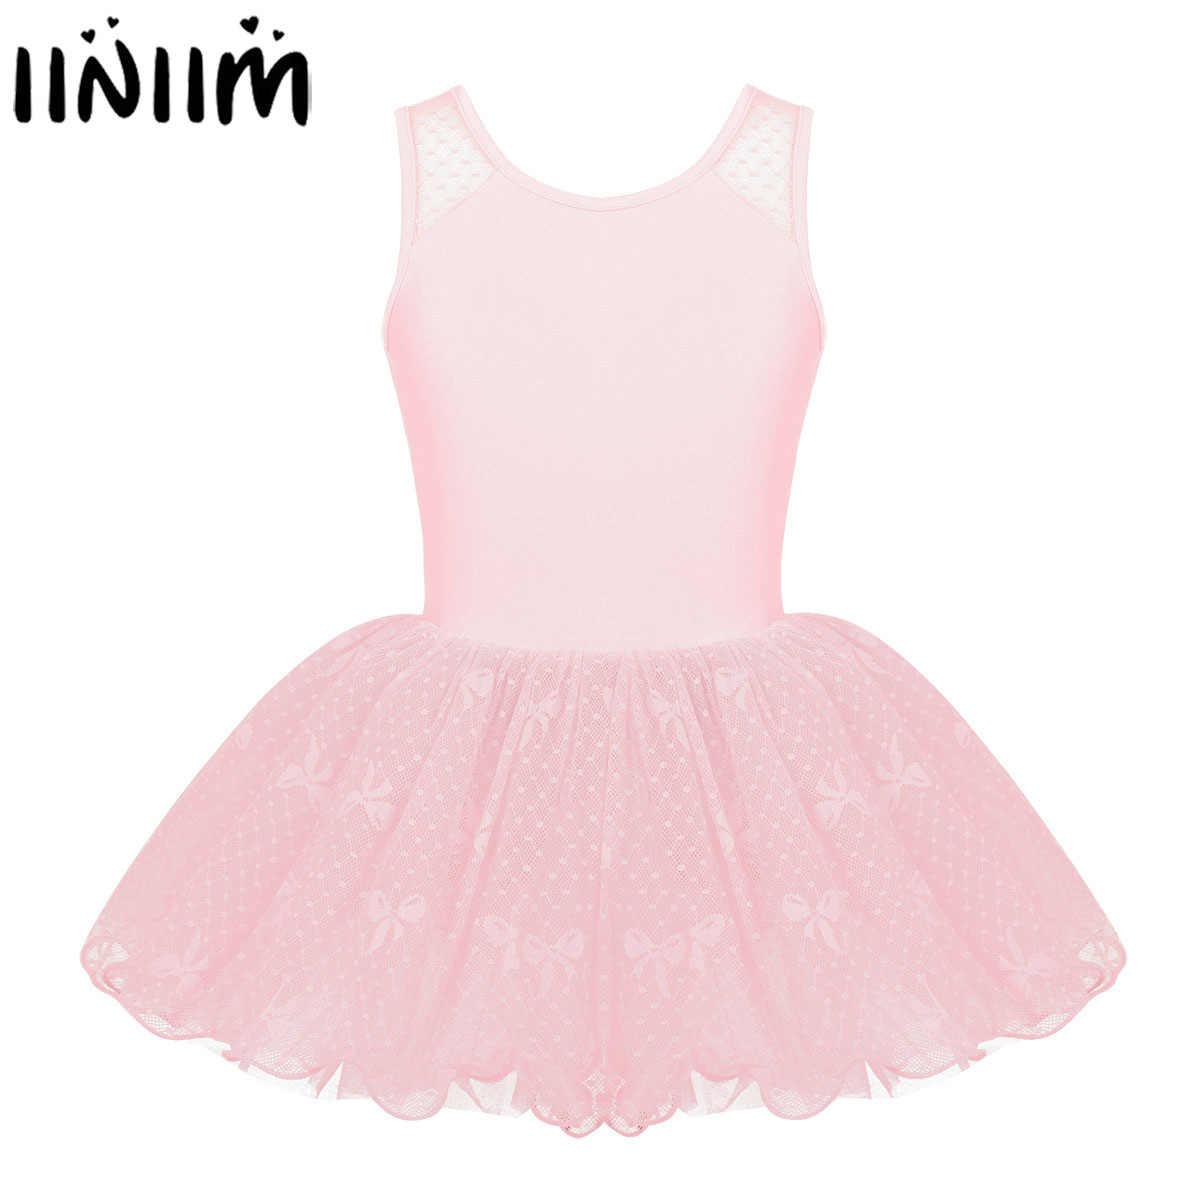 Iiniim/Детские Балетные балетные пачки с цветочным принтом для девочек Одежда для гимнастики и танцев танцевальный купальник, костюмы, платье